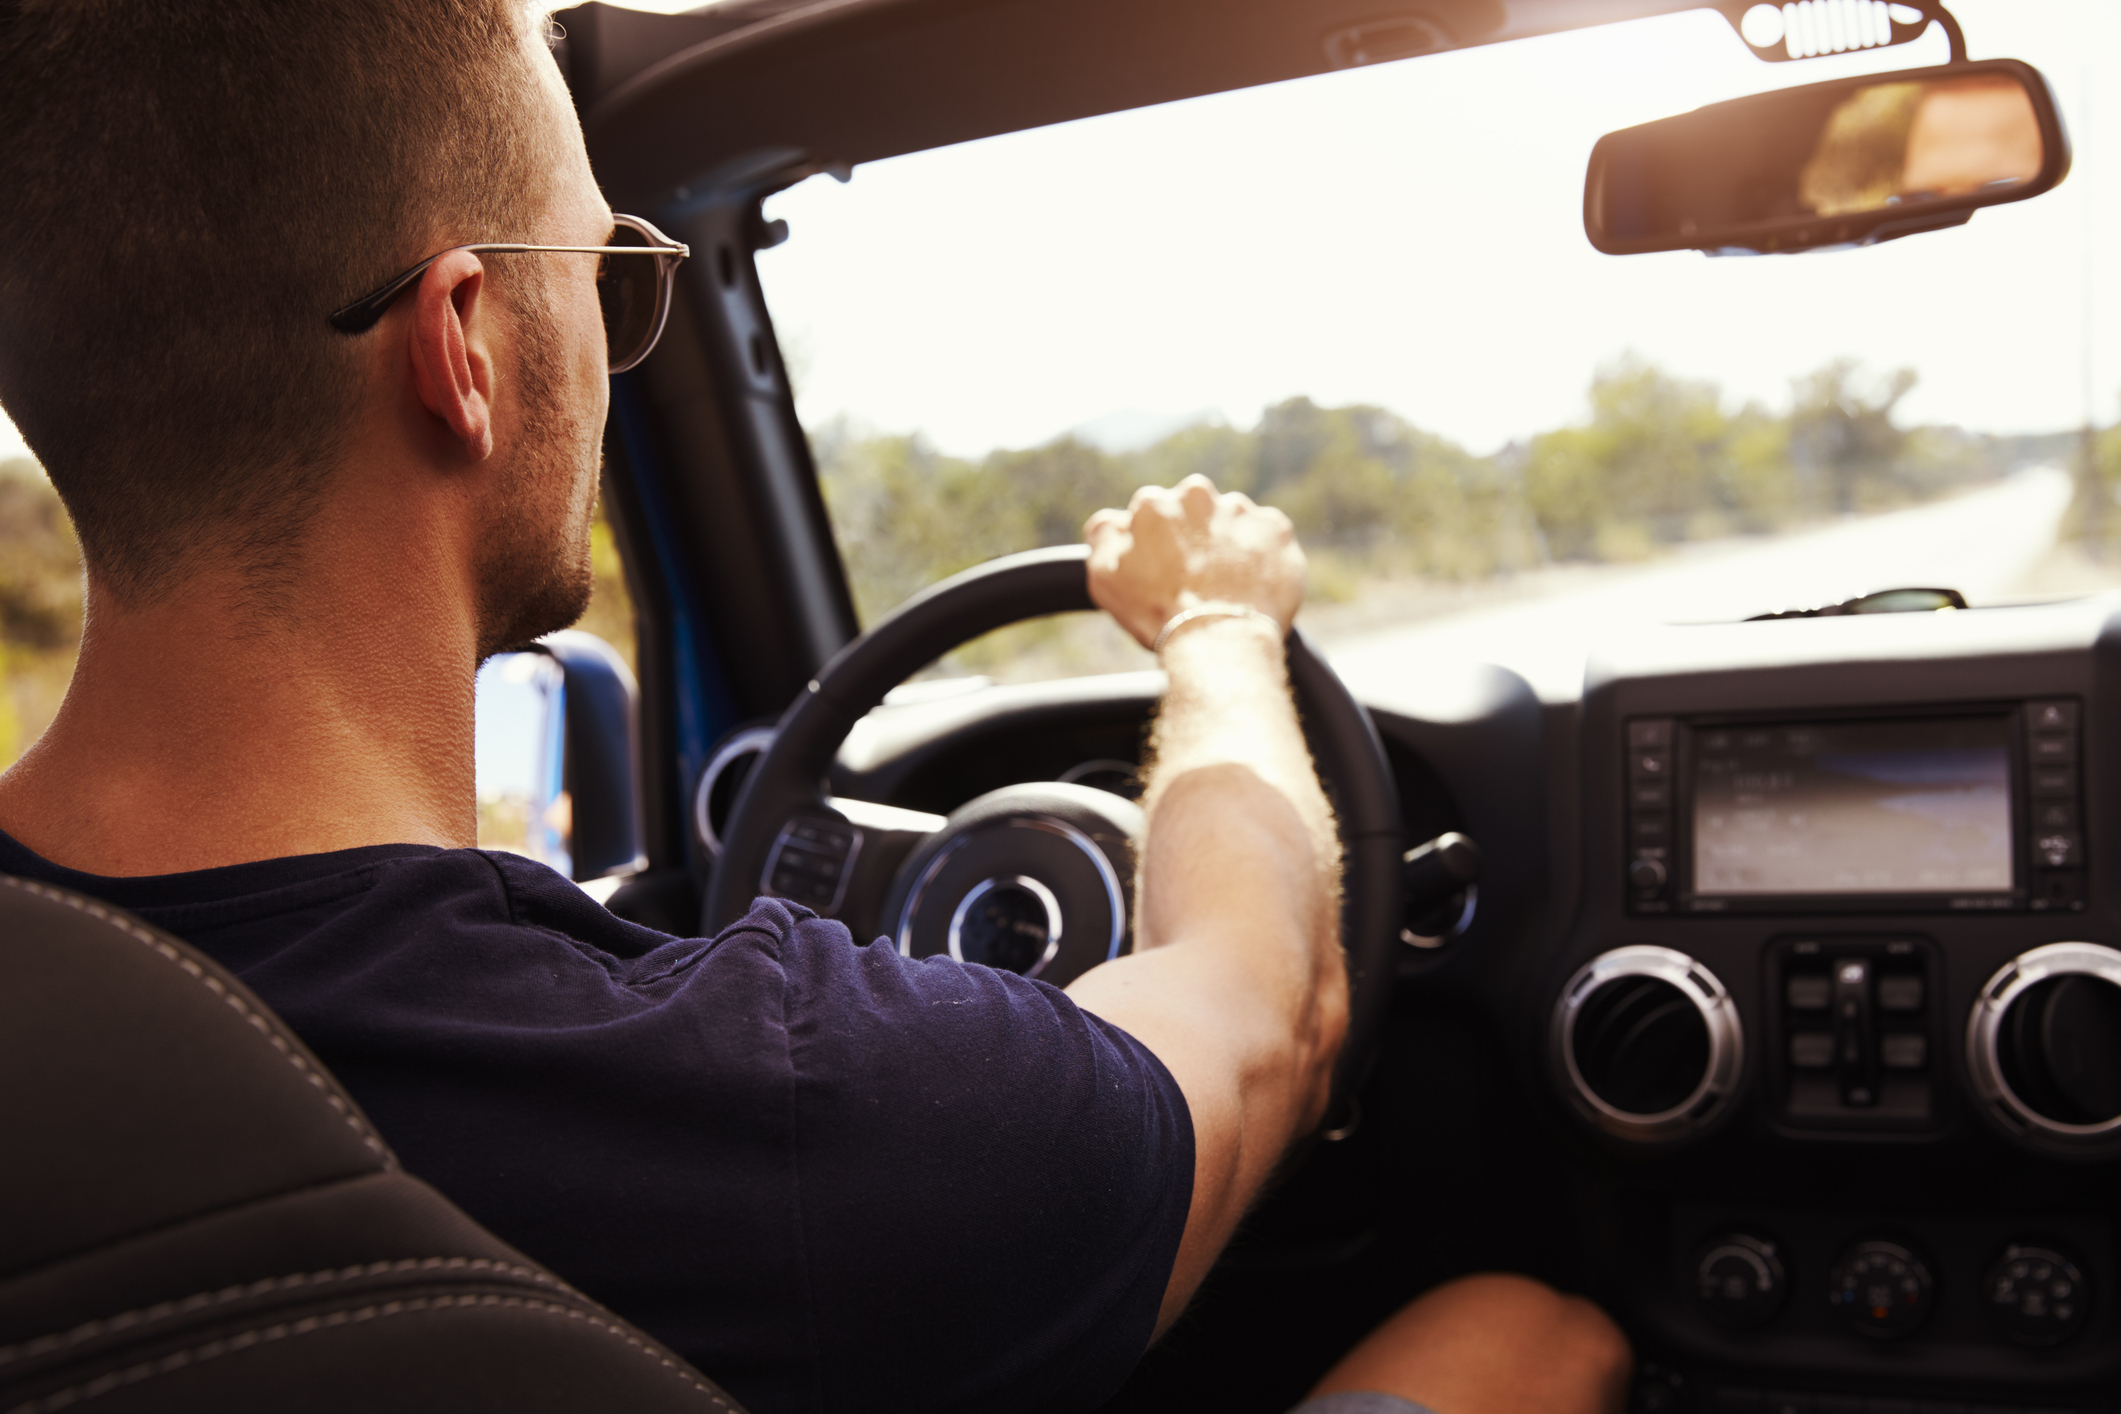 Novo ao volante? Saiba como cuidar do seu carro